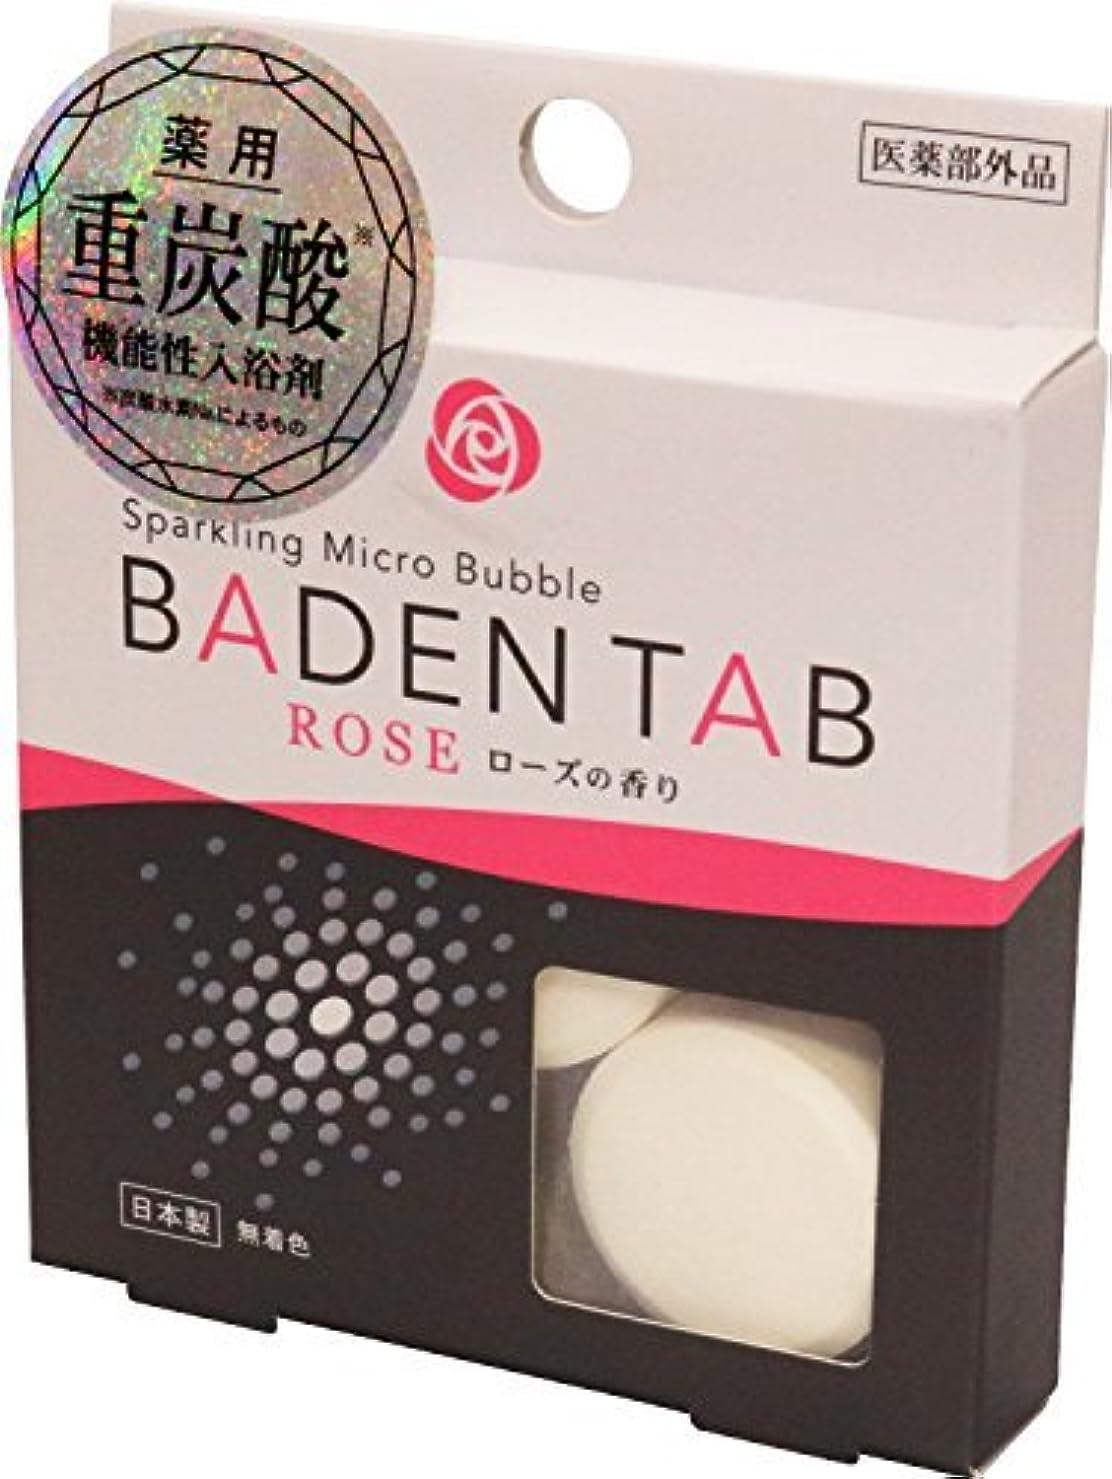 救急車アクセシブル解き明かす日本製 made in japan 薬用BadenTabローズの香り5錠1パック15gx5錠入 BT-8754 【まとめ買い12個セット】